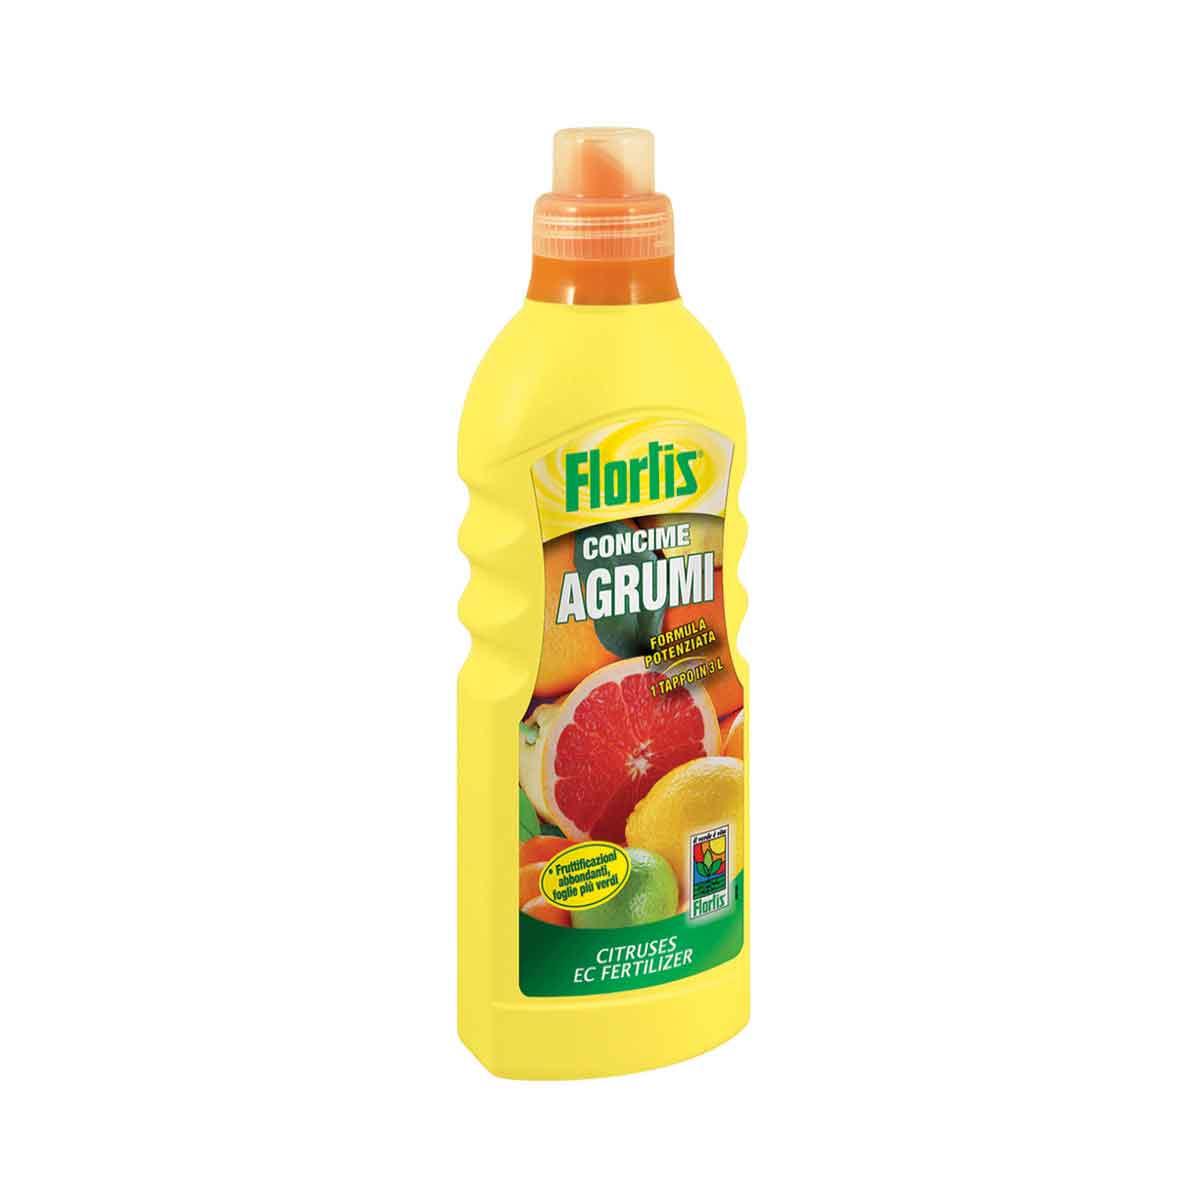 Flortis Concime Liquido Agrumi 1.150g